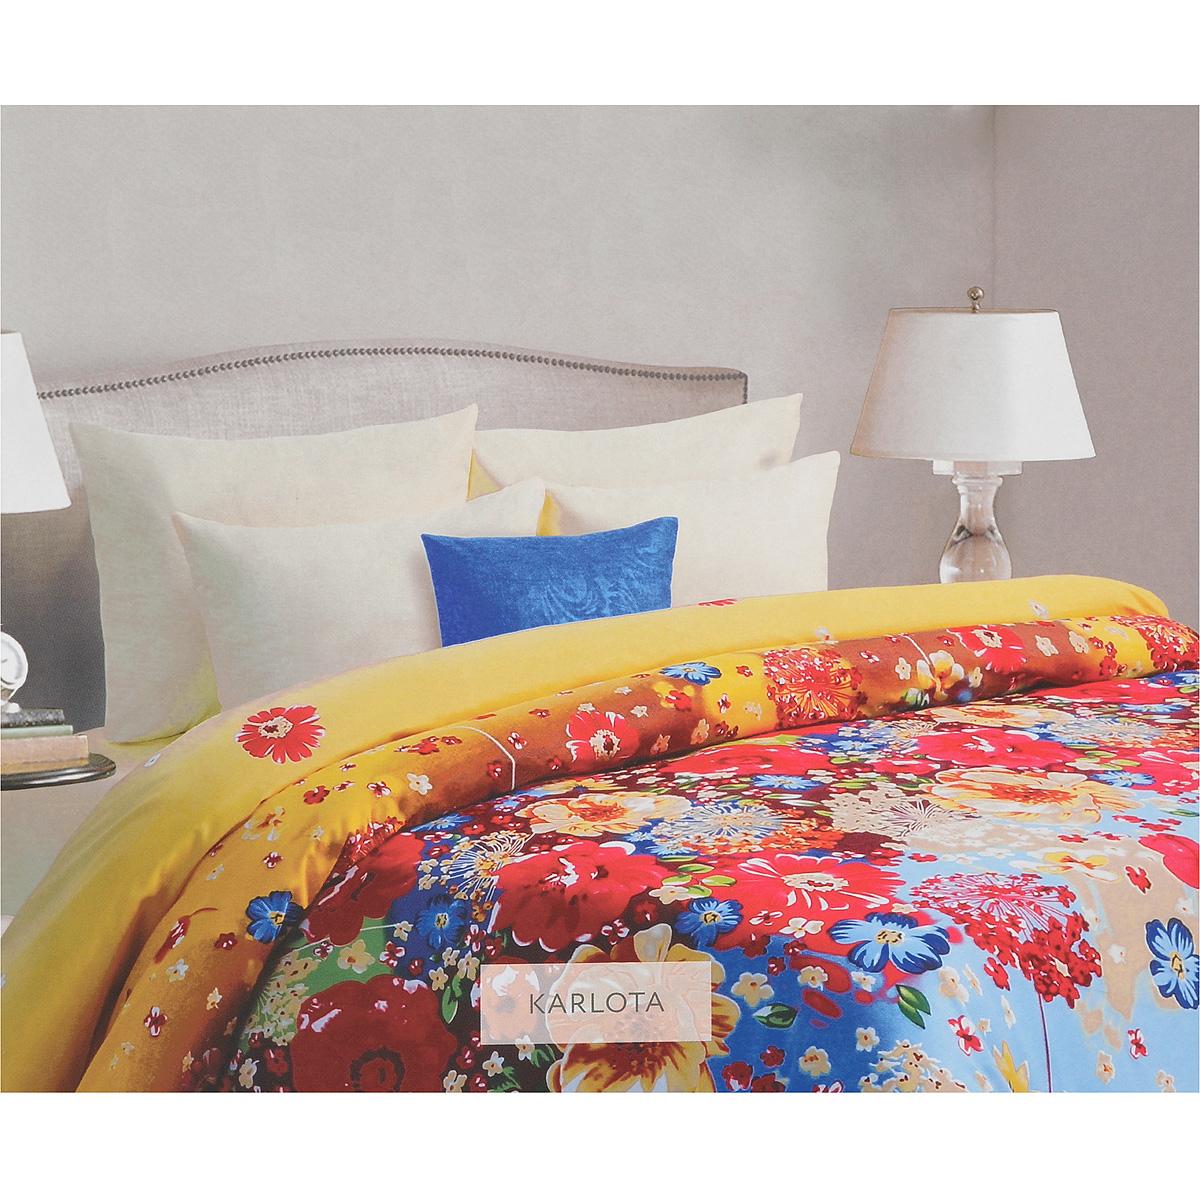 Комплект белья Mona Liza Karlota, 2-спальный, наволочки 70х70, цвет: желтый, голубой. 562203/5FD 992Комплект белья Mona Liza Karlota, выполненный из батиста (100% хлопок), состоит из пододеяльника, простыни и двух наволочек. Изделия оформлены красивым цветочным рисунком. Батист - тонкая, легкая натуральная ткань полотняного переплетения. Ткань с незначительной сминаемостью, хорошо сохраняющая цвет при стирке, легкая, с прекрасными гигиеническими показателями.В комплект входит: Пододеяльник - 1 шт. Размер: 175 см х 210 см. Простыня - 1 шт. Размер: 215 см х 240 см. Наволочка - 2 шт. Размер: 70 см х 70 см. Рекомендации по уходу: - Ручная и машинная стирка 40°С, - Гладить при температуре не более 150°С, - Не использовать хлорсодержащие средства, - Щадящая сушка, - Не подвергать химчистке.